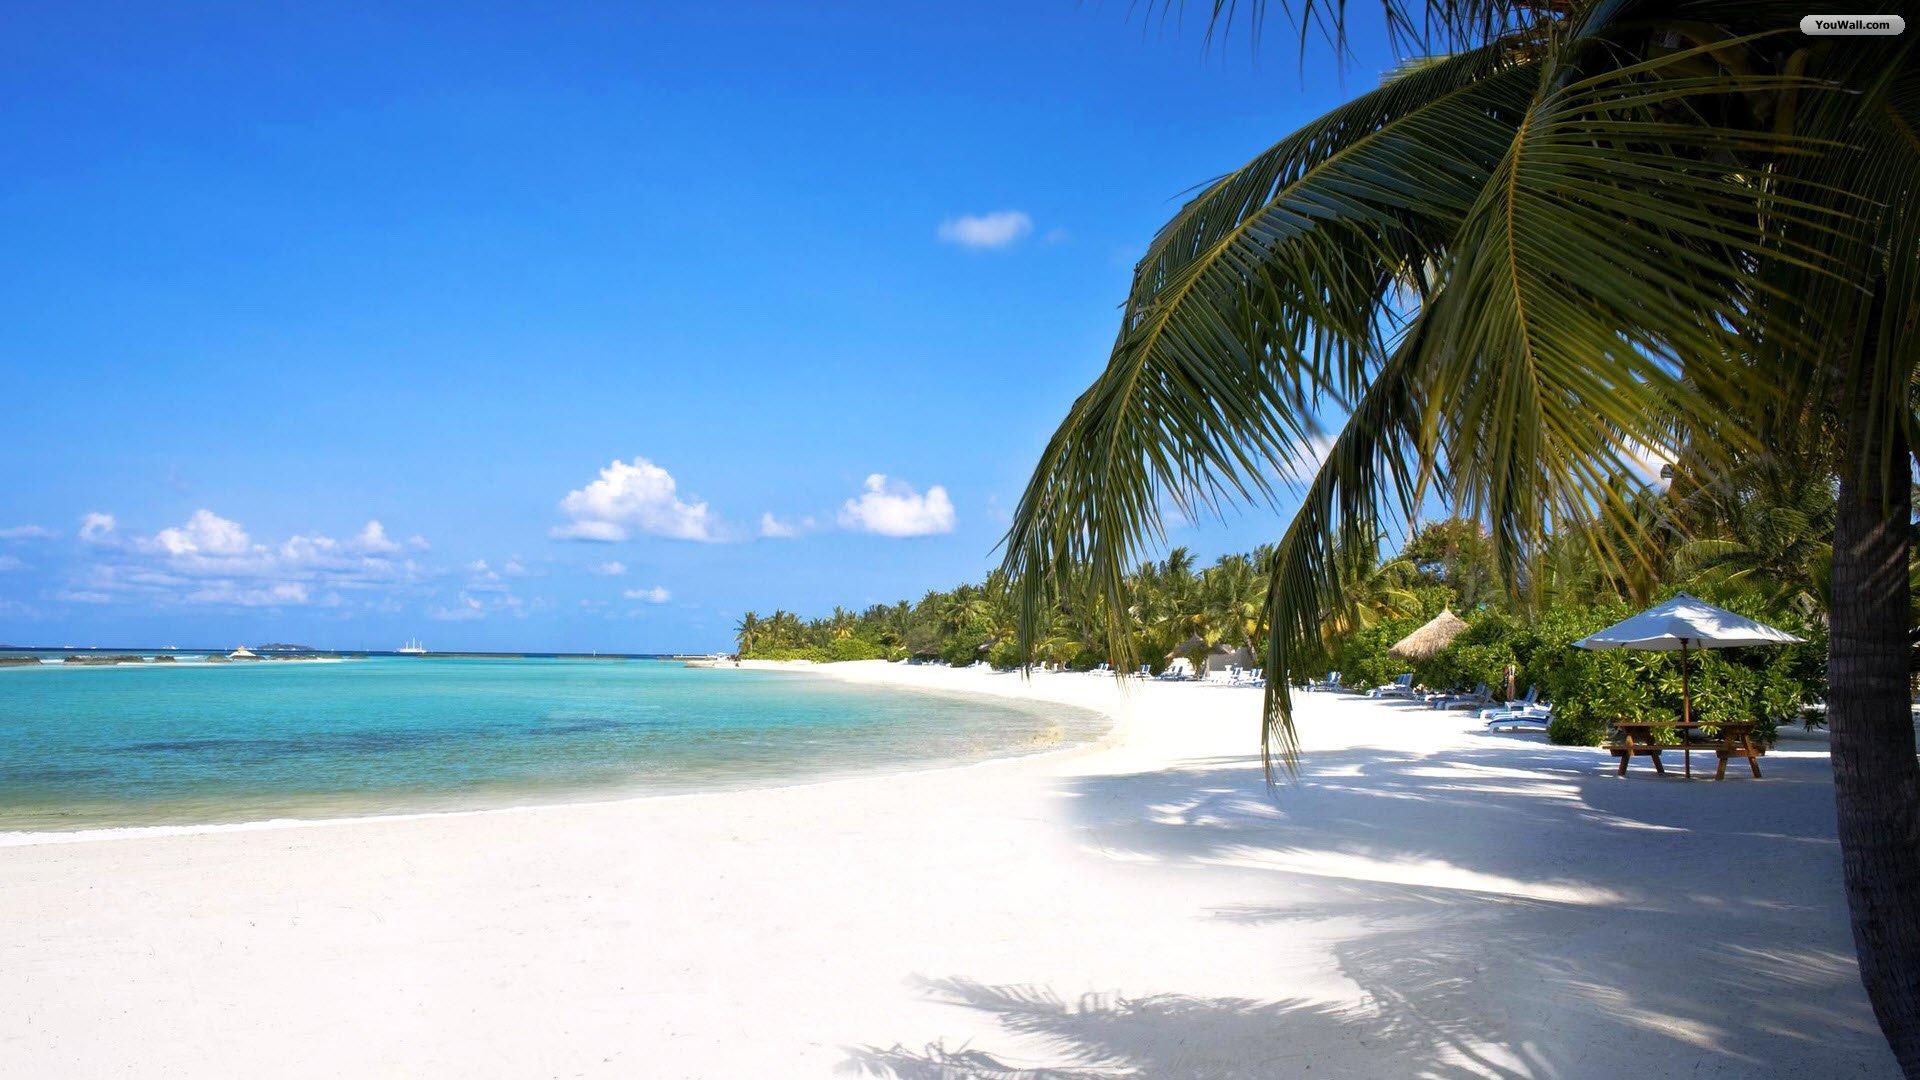 Best Tropical Beach Desktop Wallpaper X K 1920x1080